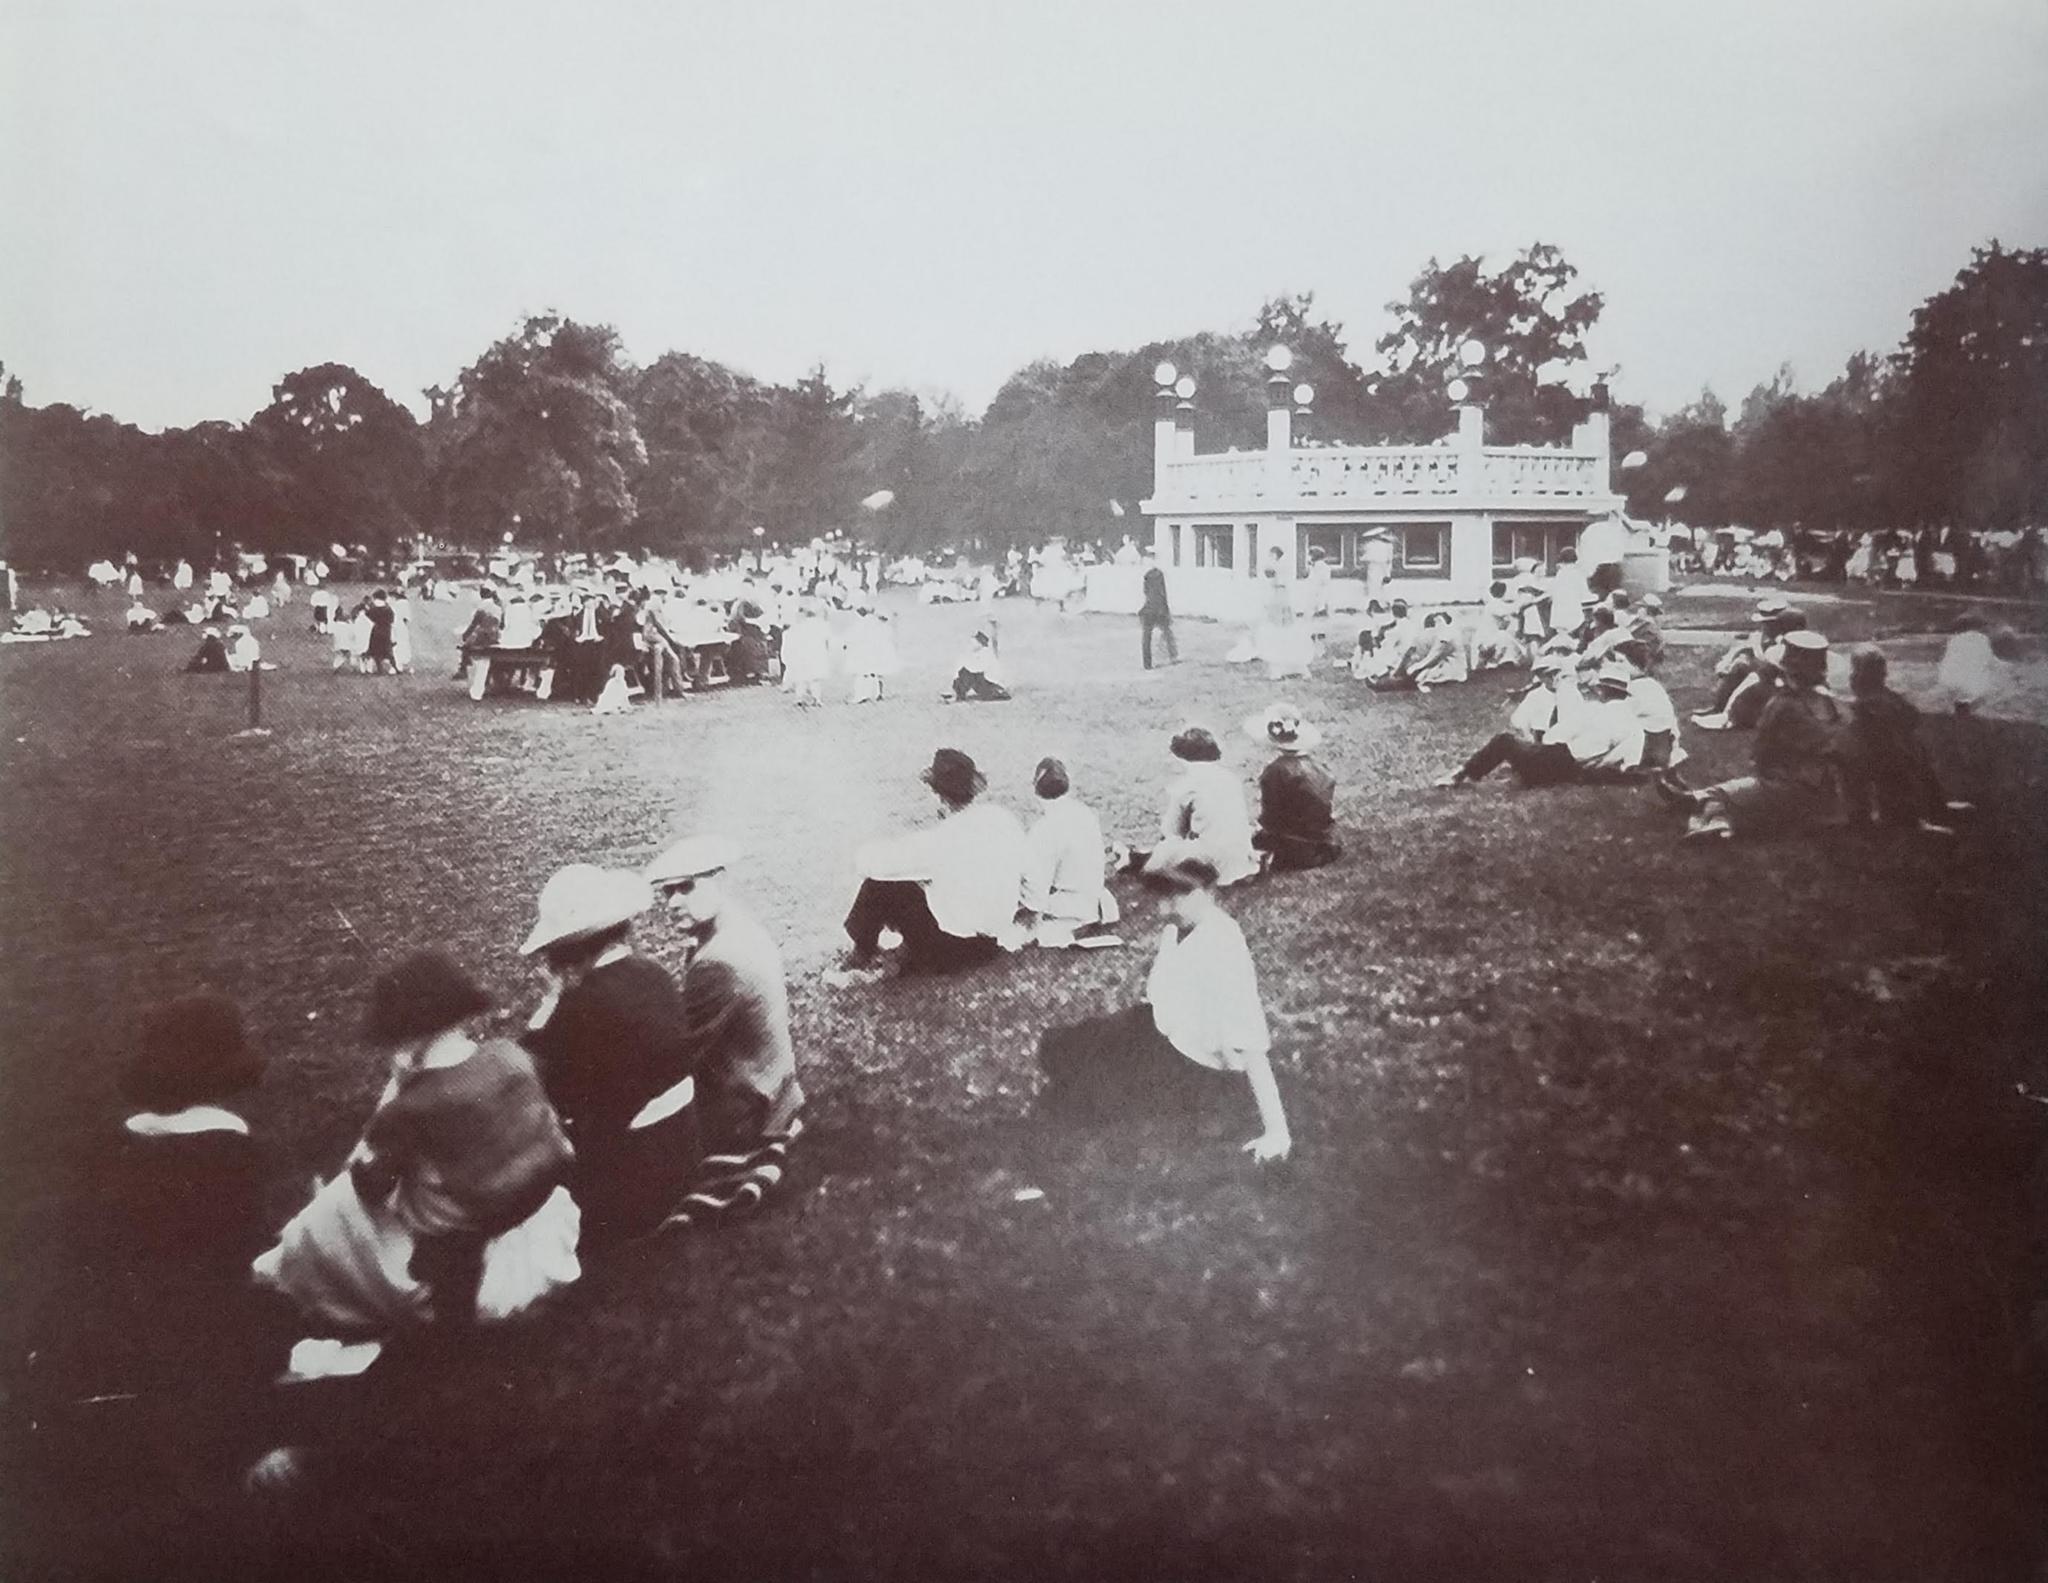 Concert in 1922